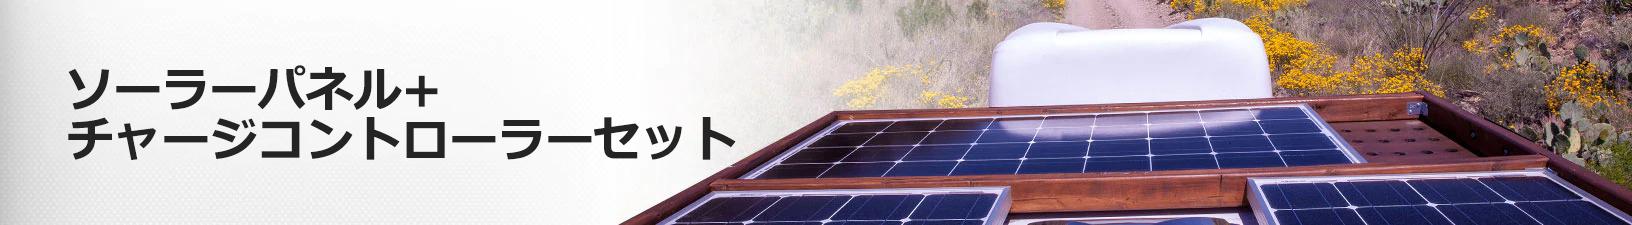 ソーラーパネル+チャージコントローラーセット